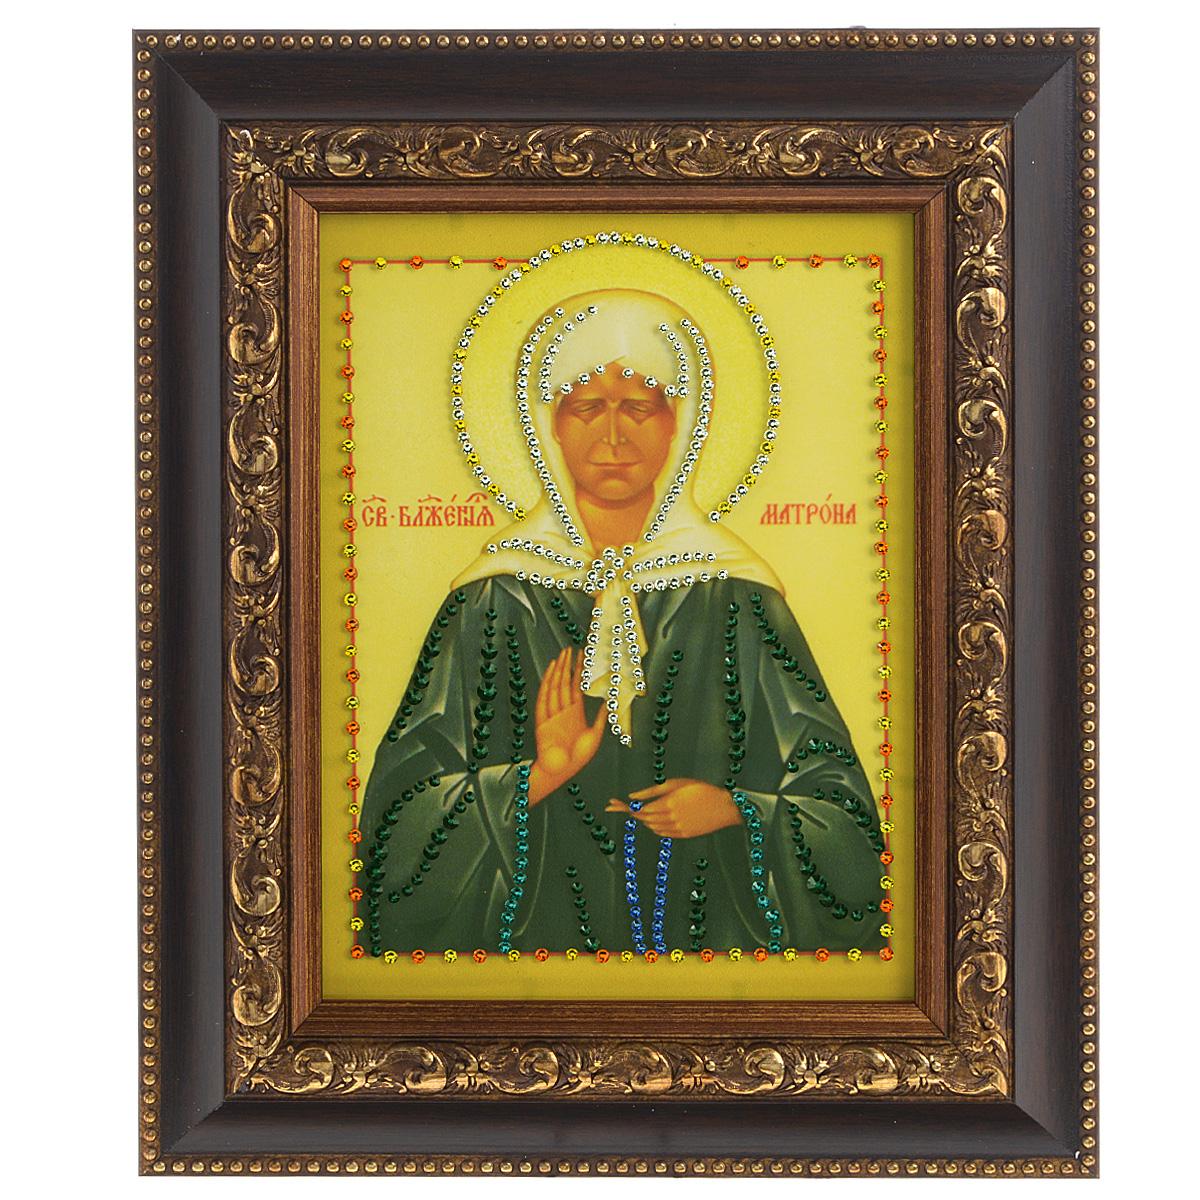 Картина с кристаллами Swarovski Икона. Матрона Московская, 22,5 см х 27,5 см1369Изящная картина в багетной раме, инкрустирована кристаллами Swarovski, которые отличаются четкой и ровной огранкой, ярким блеском и чистотой цвета. Красочное изображение иконы - Матрона Московская, расположенное под стеклом, прекрасно дополняет блеск кристаллов. С обратной стороны имеется металлическая проволока для размещения картины на стене. Картина с кристаллами Swarovski Икона. Матрона Московская элегантно украсит интерьер дома или офиса, а также станет прекрасным подарком, который обязательно понравится получателю. Блеск кристаллов в интерьере, что может быть сказочнее и удивительнее. Картина упакована в подарочную картонную коробку синего цвета и комплектуется сертификатом соответствия Swarovski.